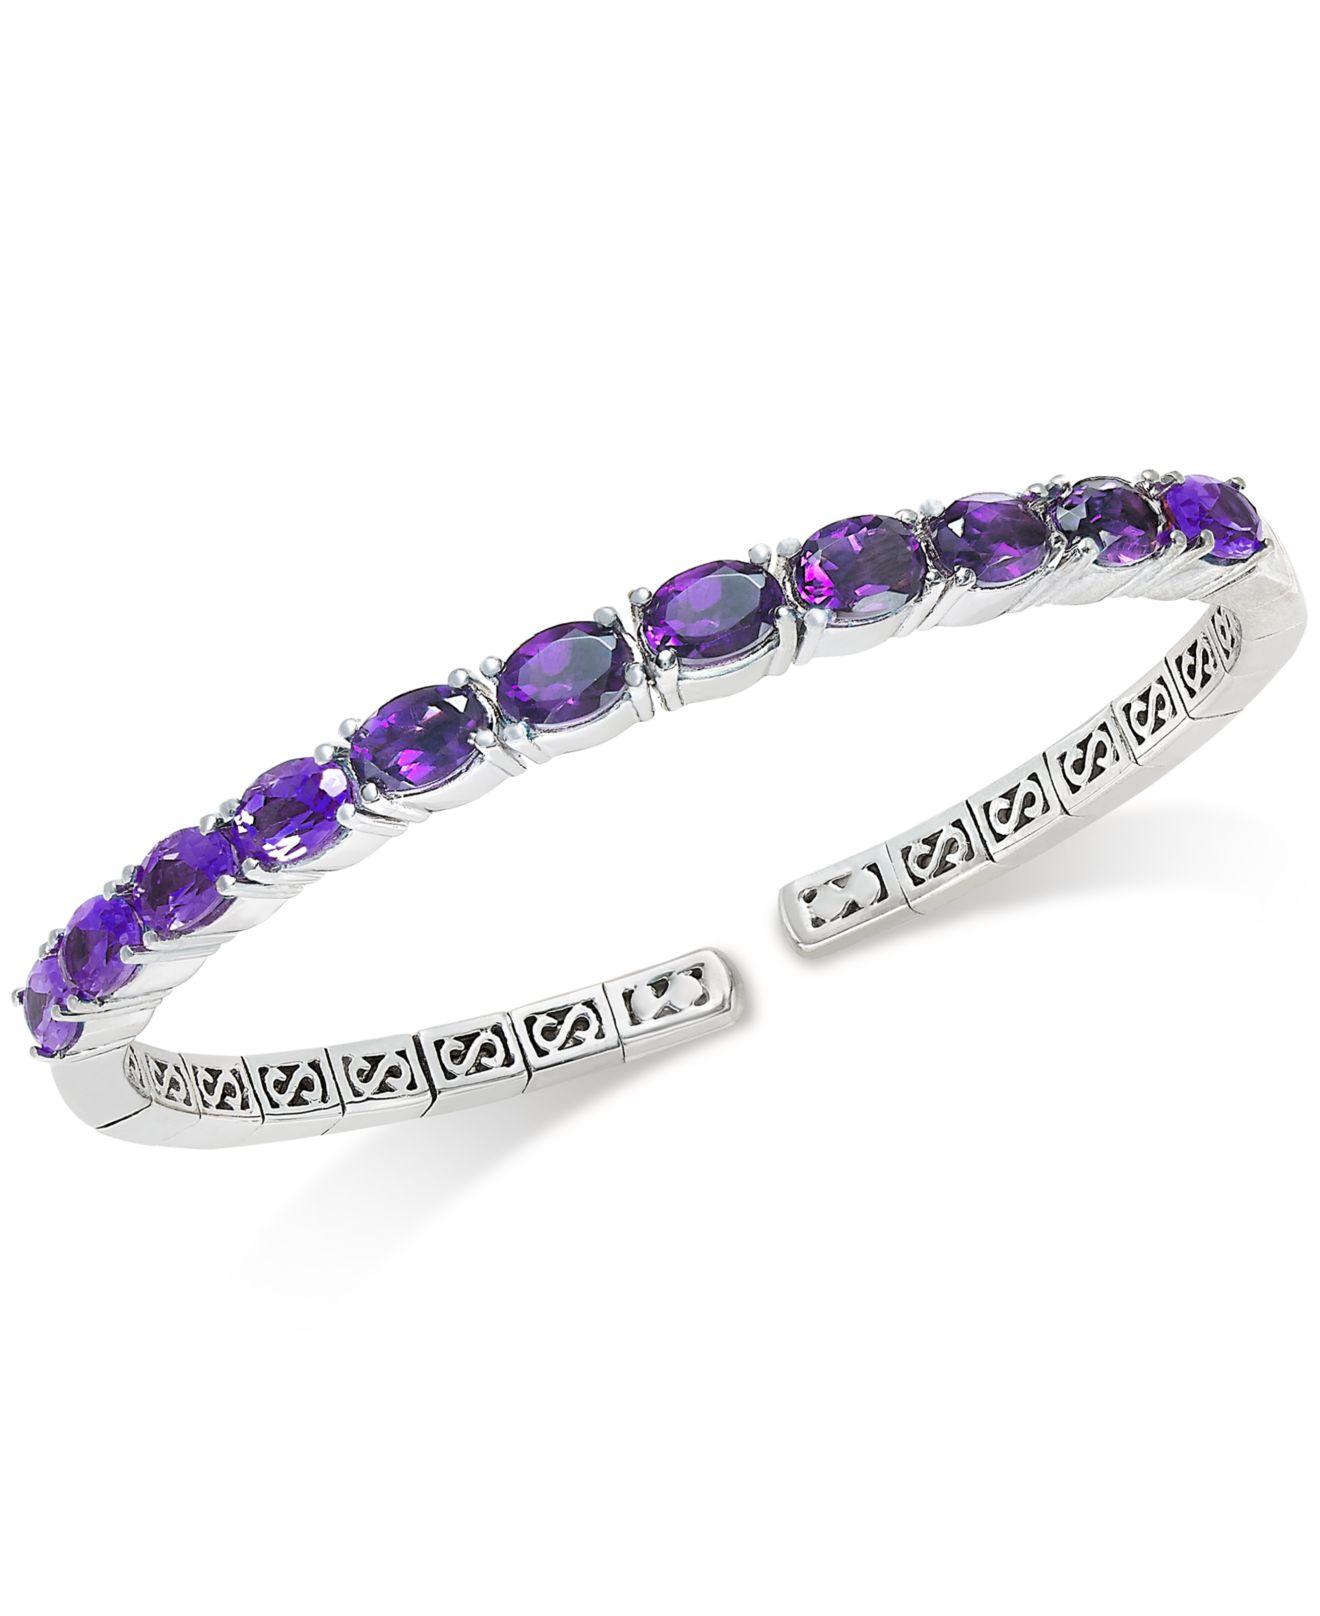 macy s amethyst bangle bracelet 5 1 2 ct t w